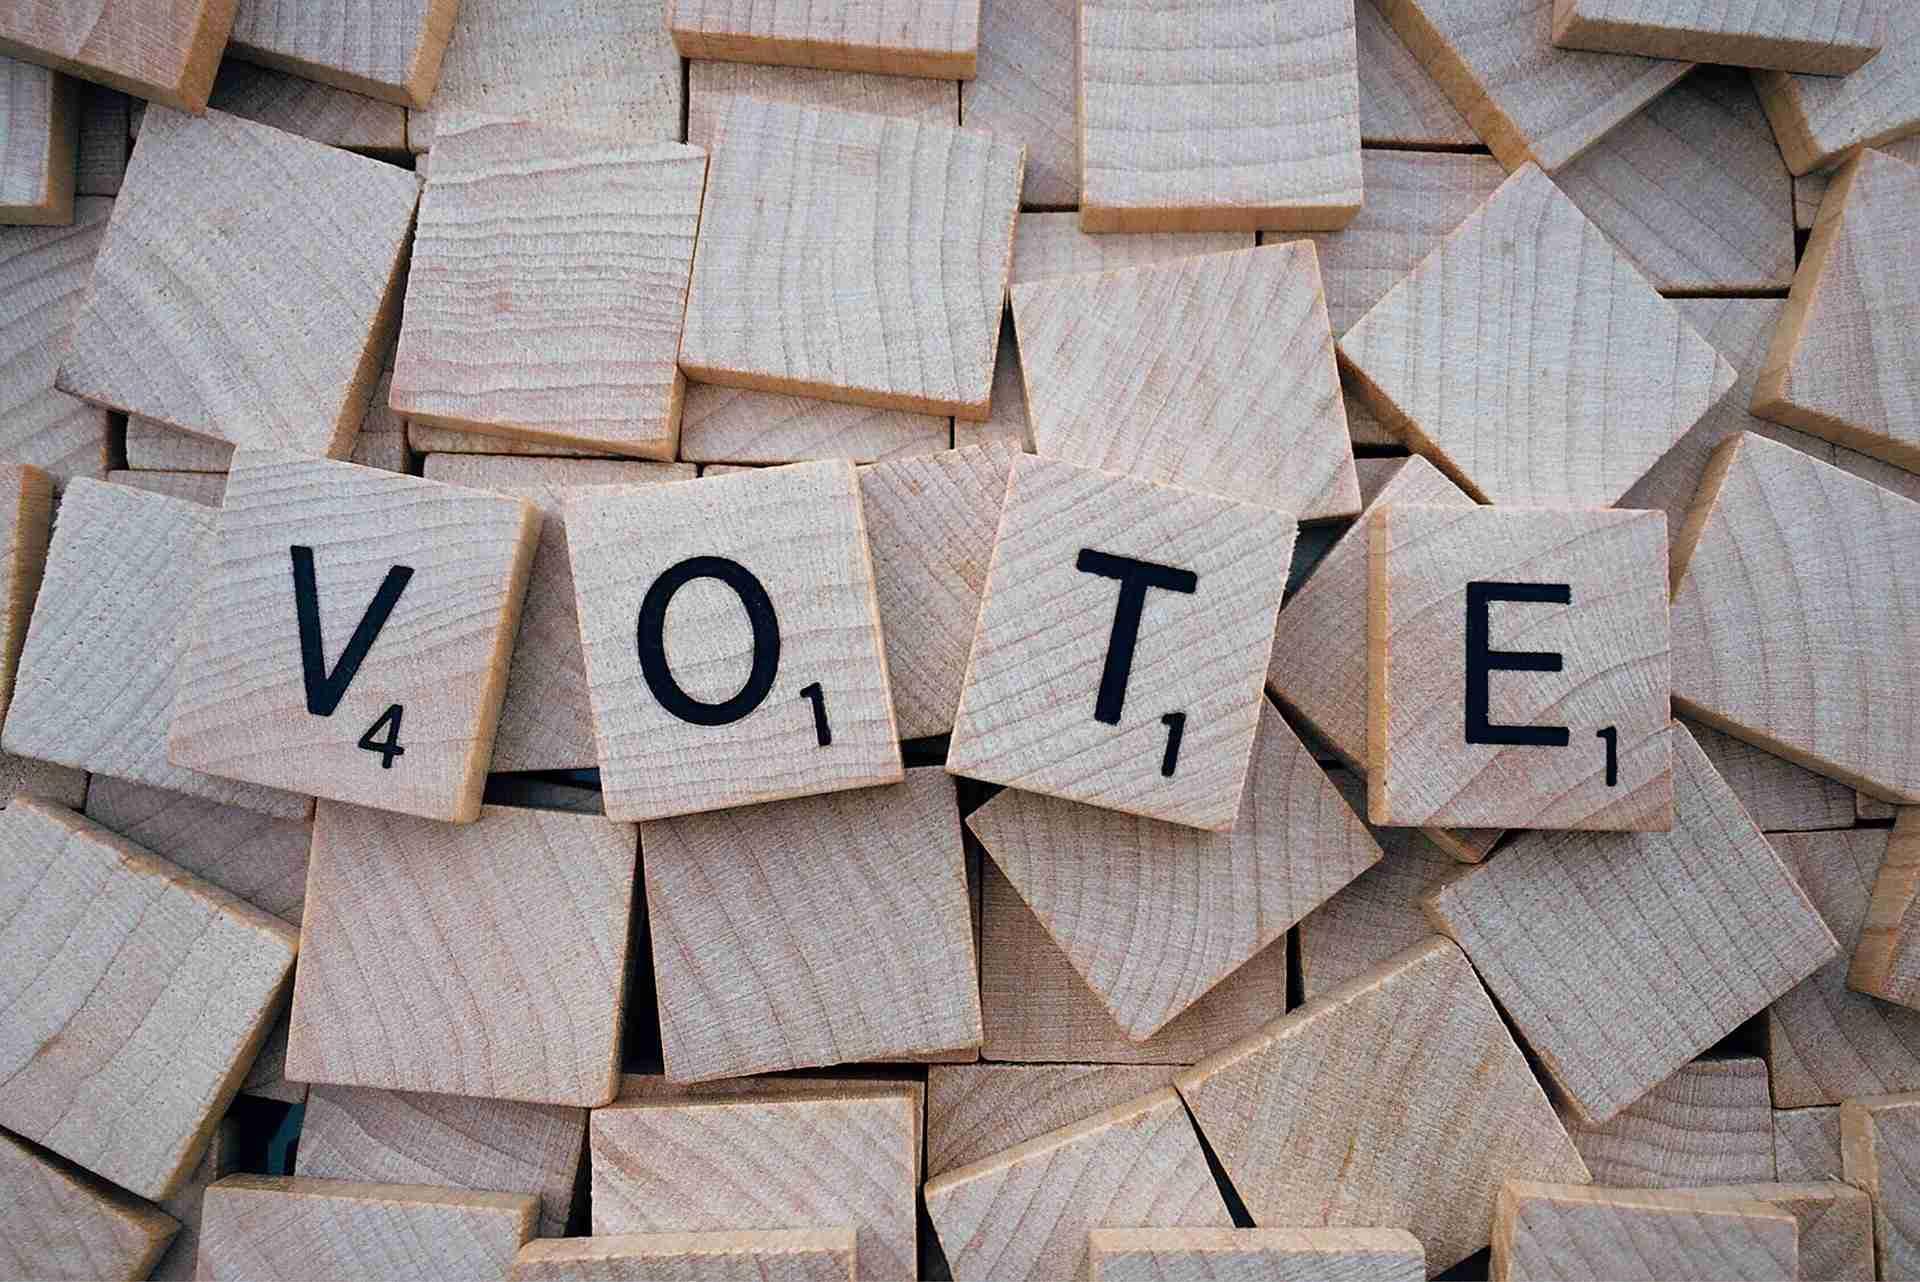 """Scrabble blocks that spell """"Vote"""""""